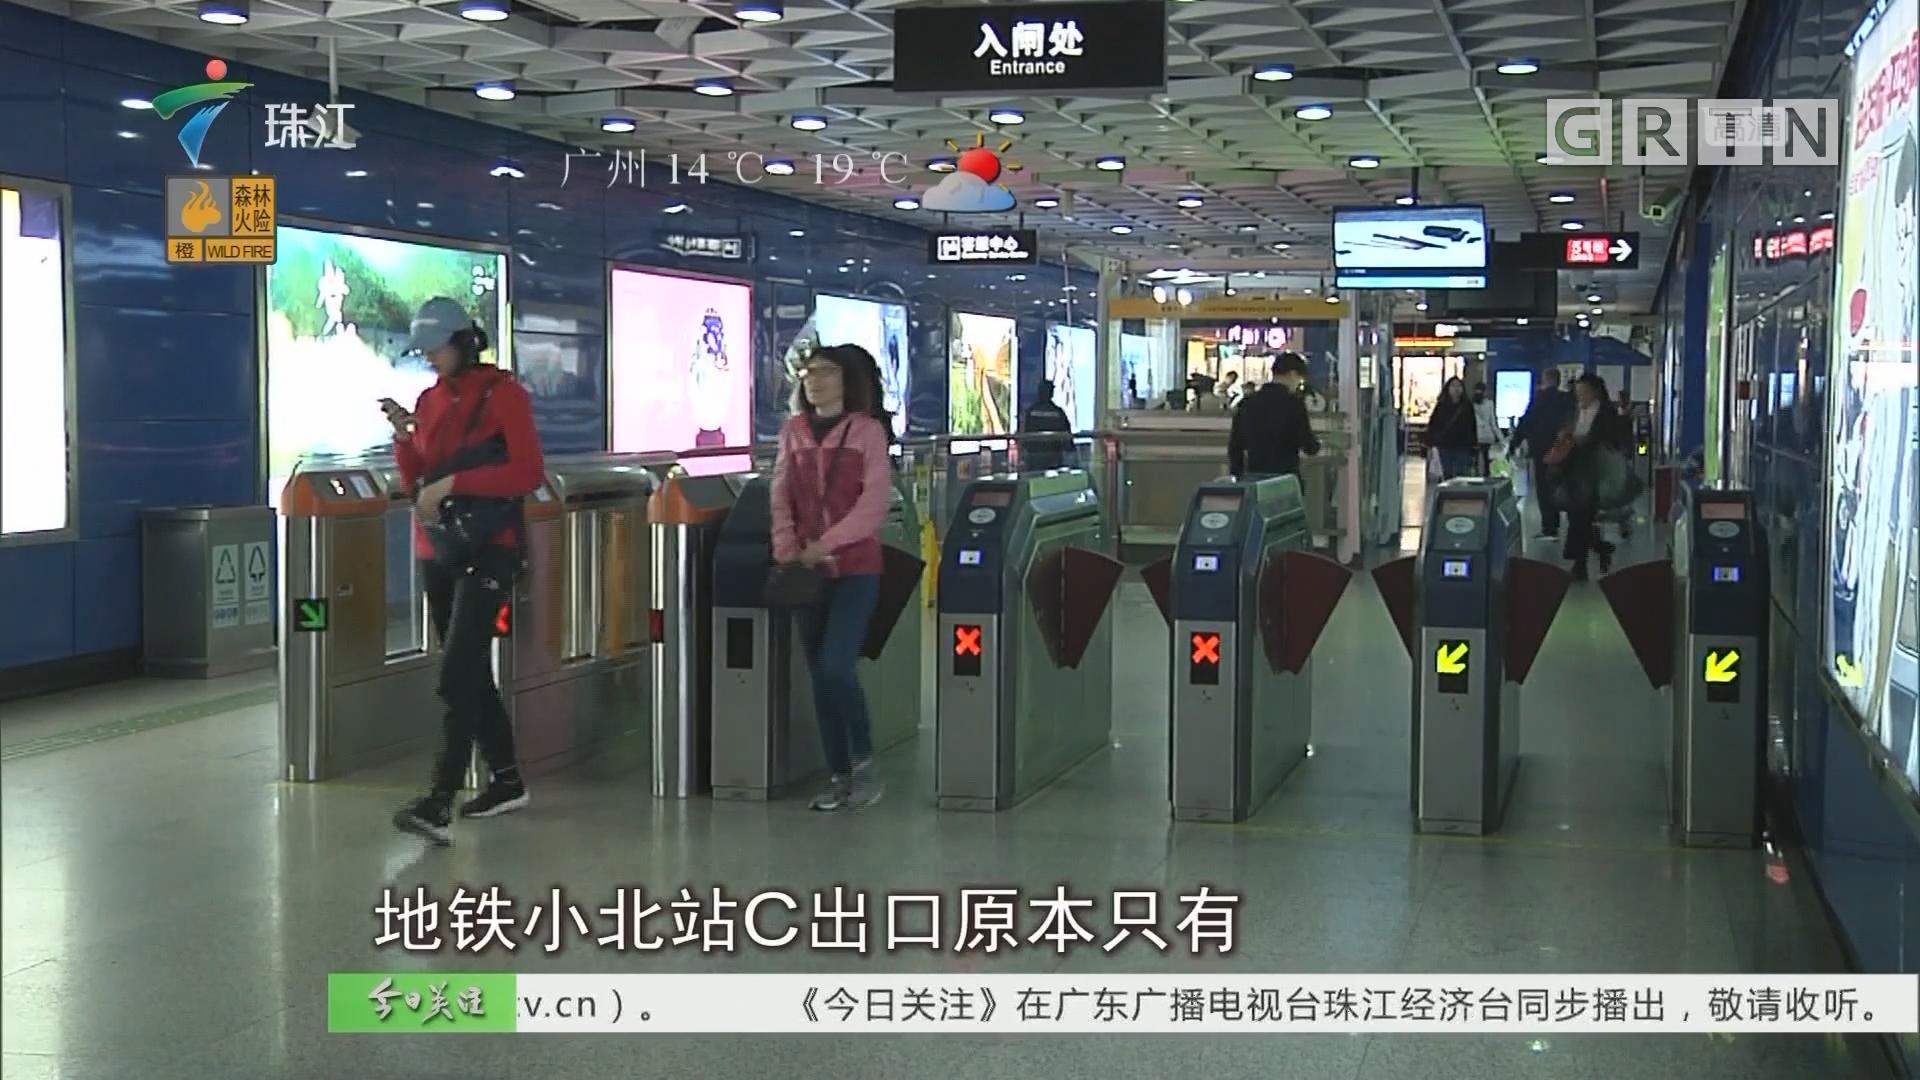 广州地铁所有闸机支持刷码 无需排队买票